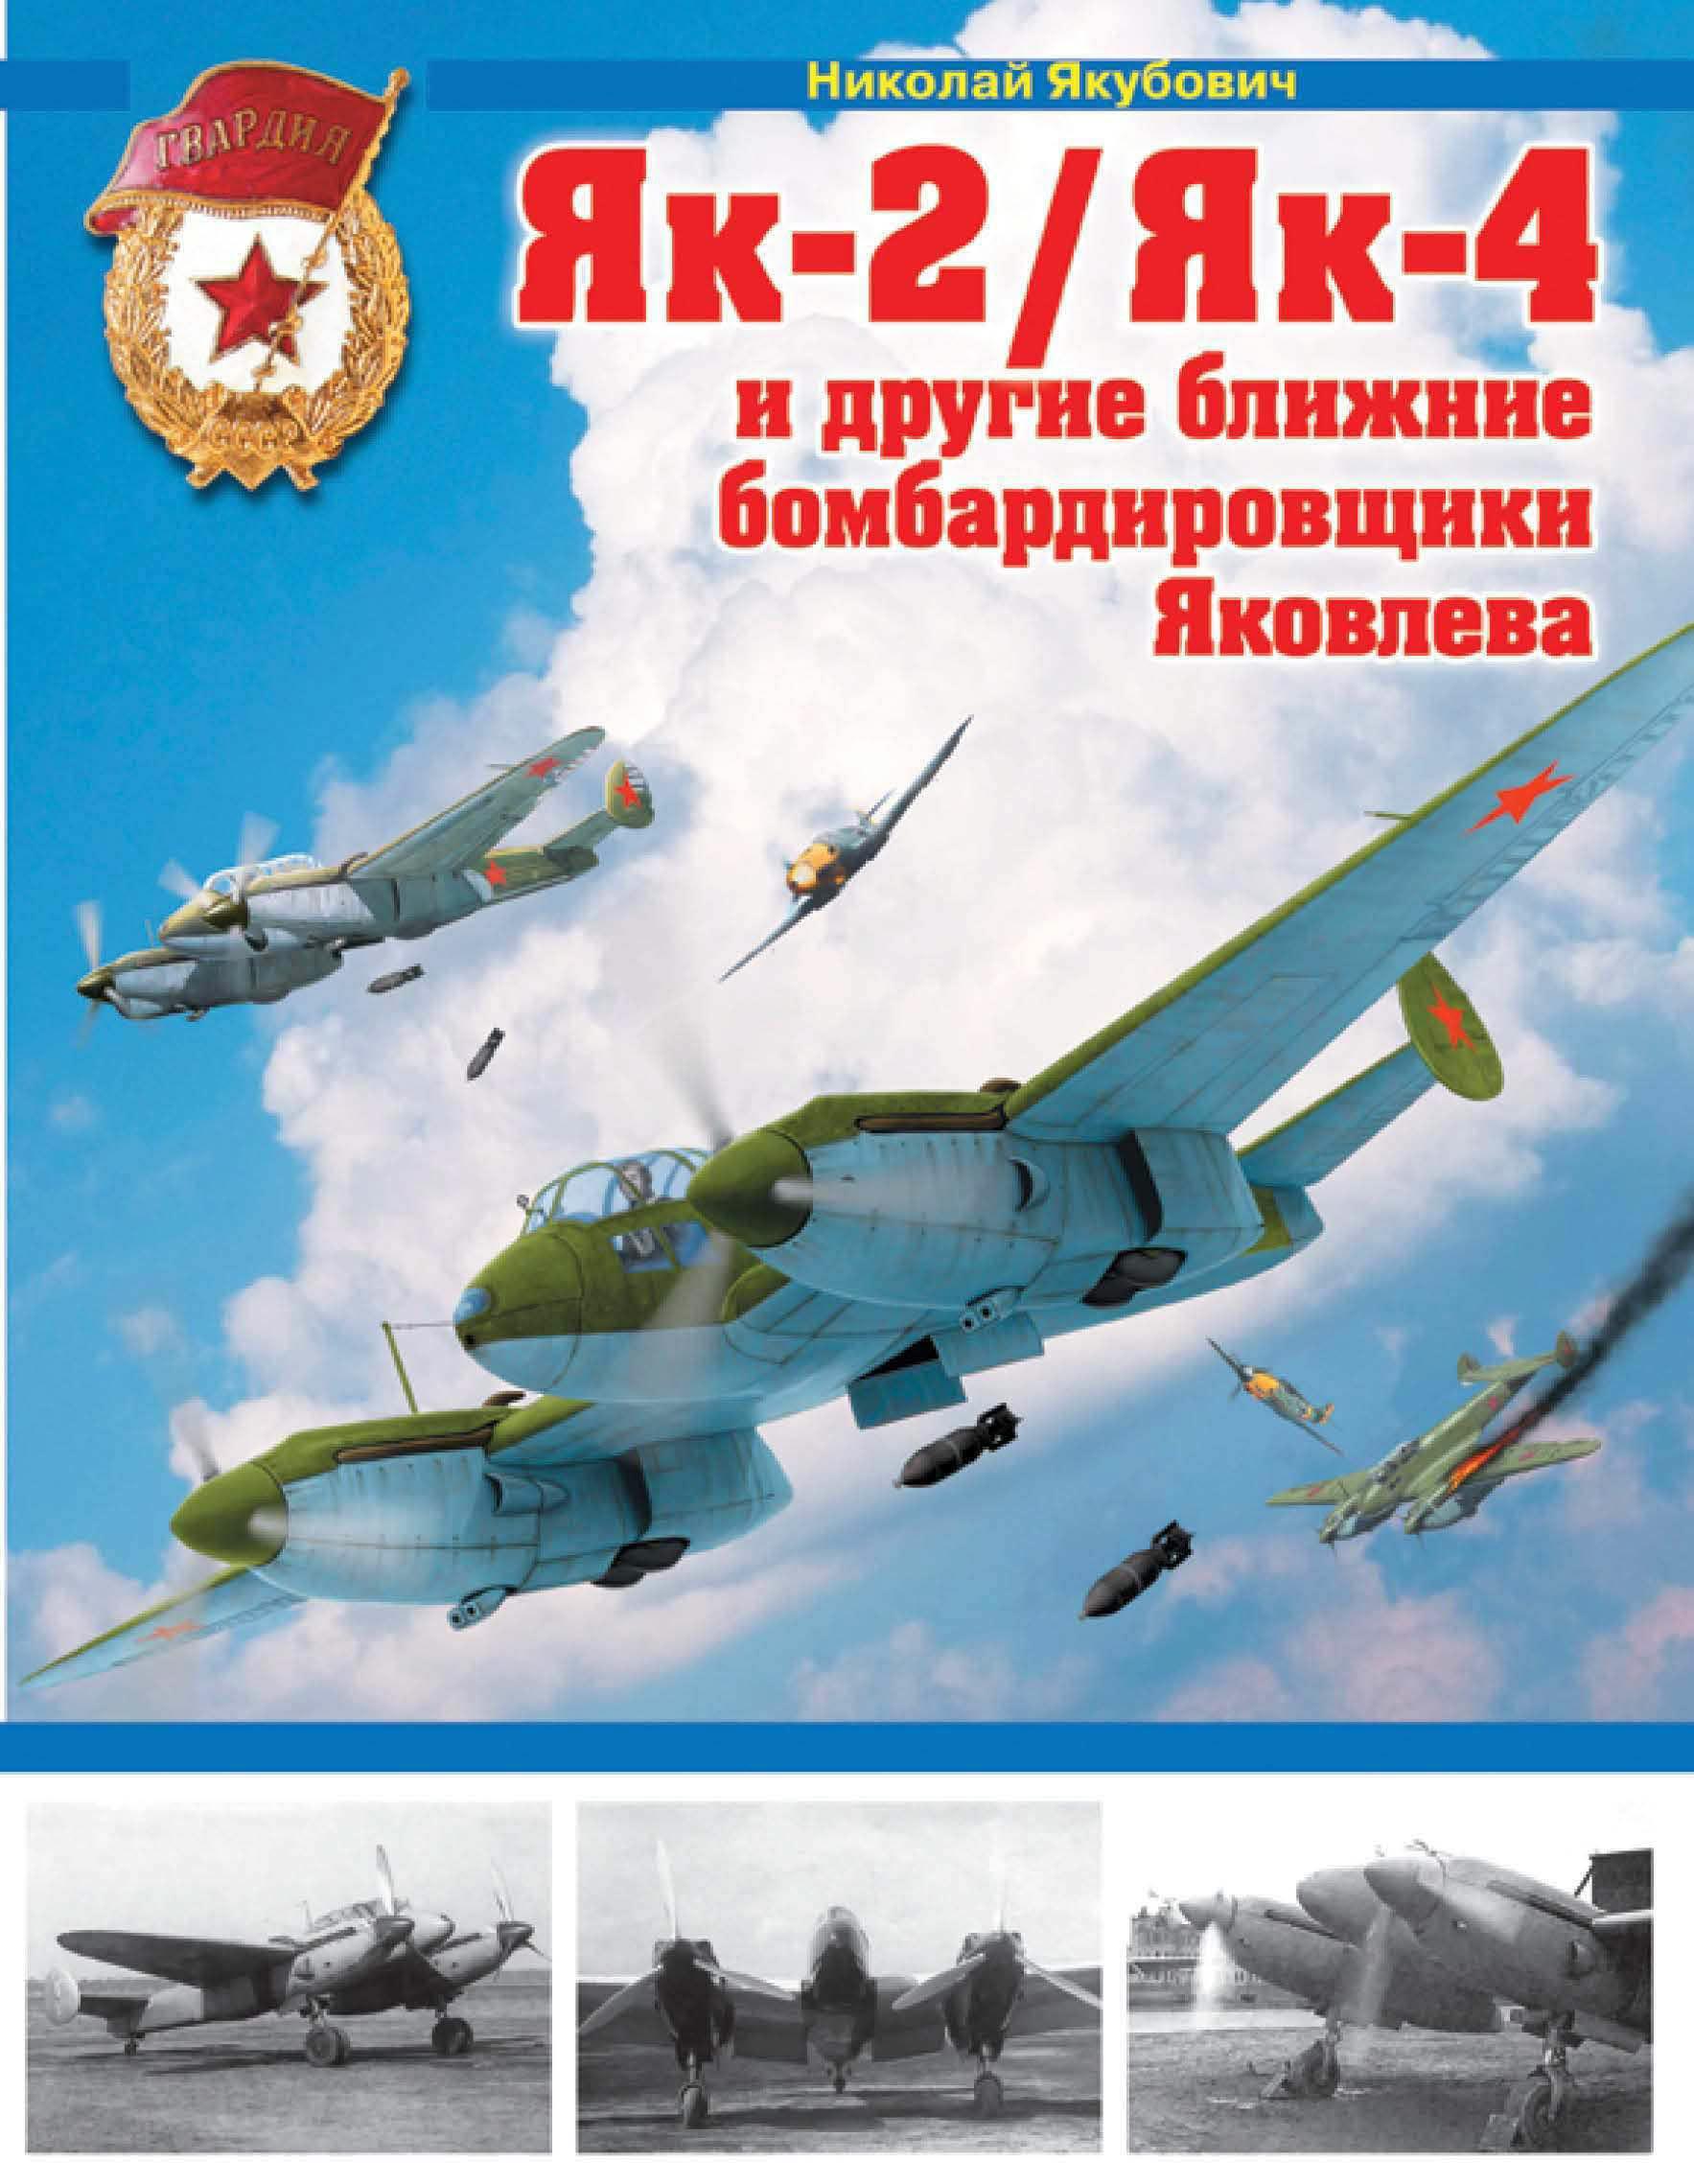 Николай Якубович Як-2/Як-4 и другие ближние бомбардировщики Яковлева